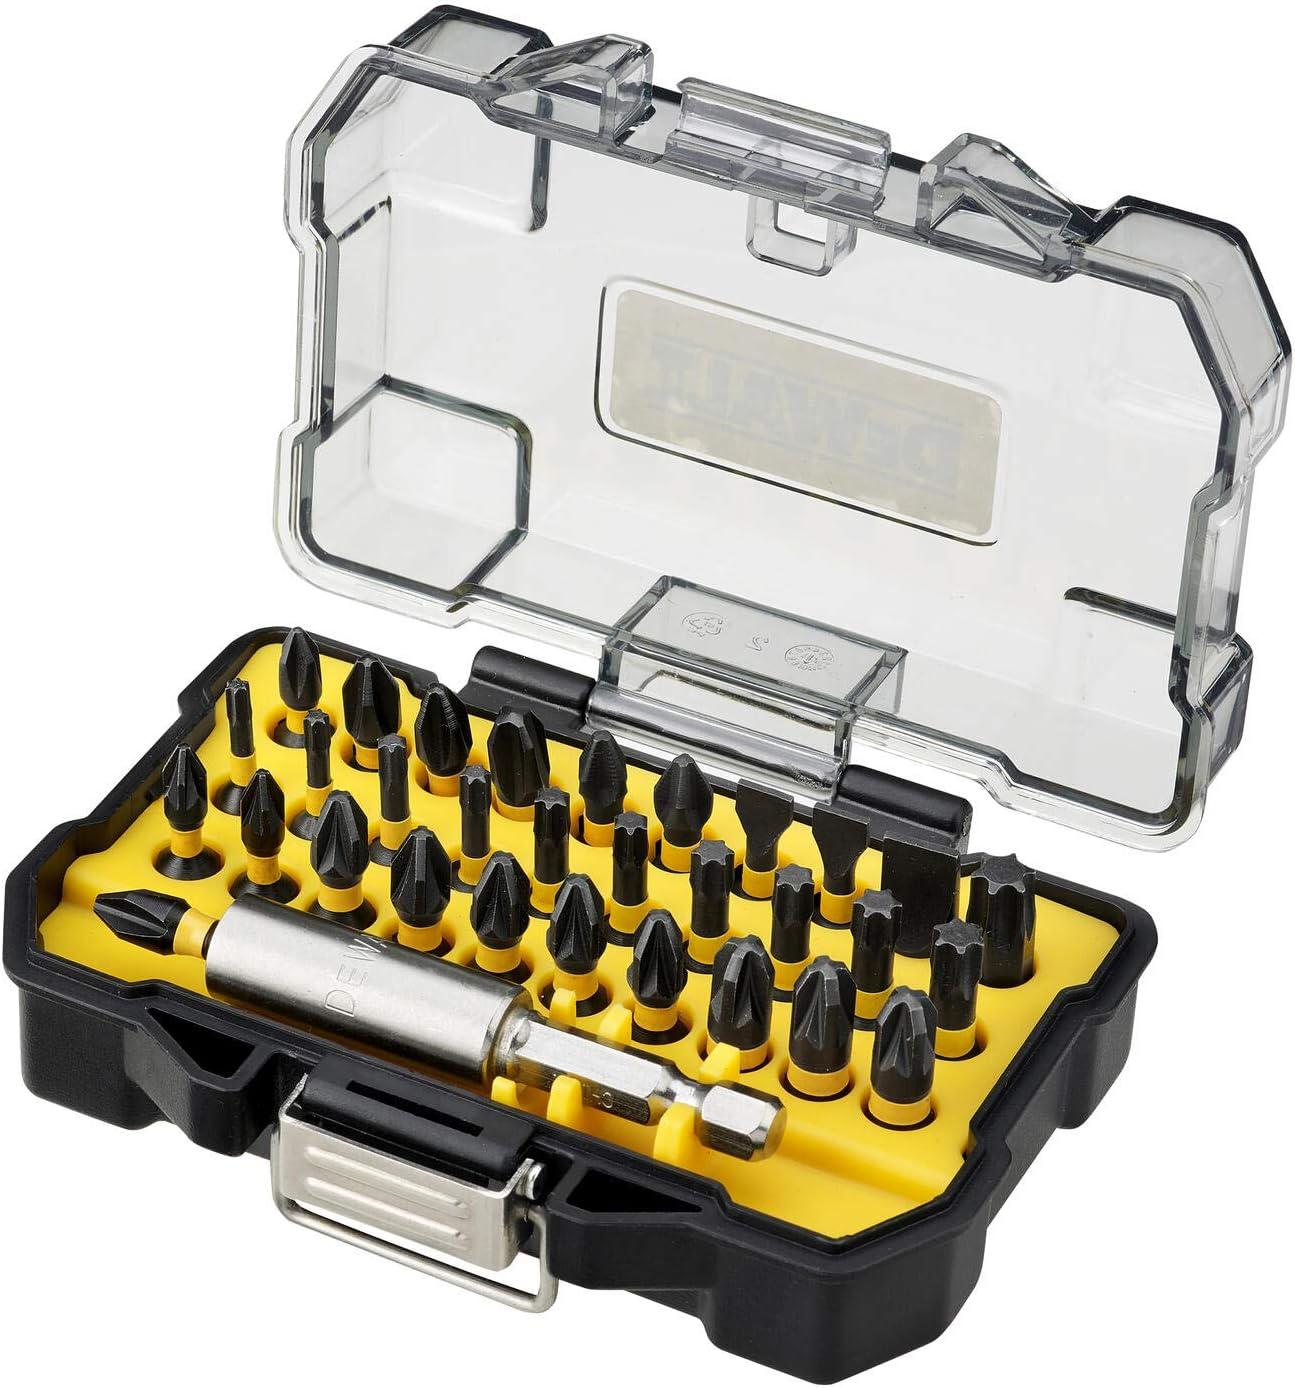 Pour Perceuse-Visseuse 25 x T40 25mm DEWALT DT70559T-QZ Petite Bo/îte dembouts Impact Torsion